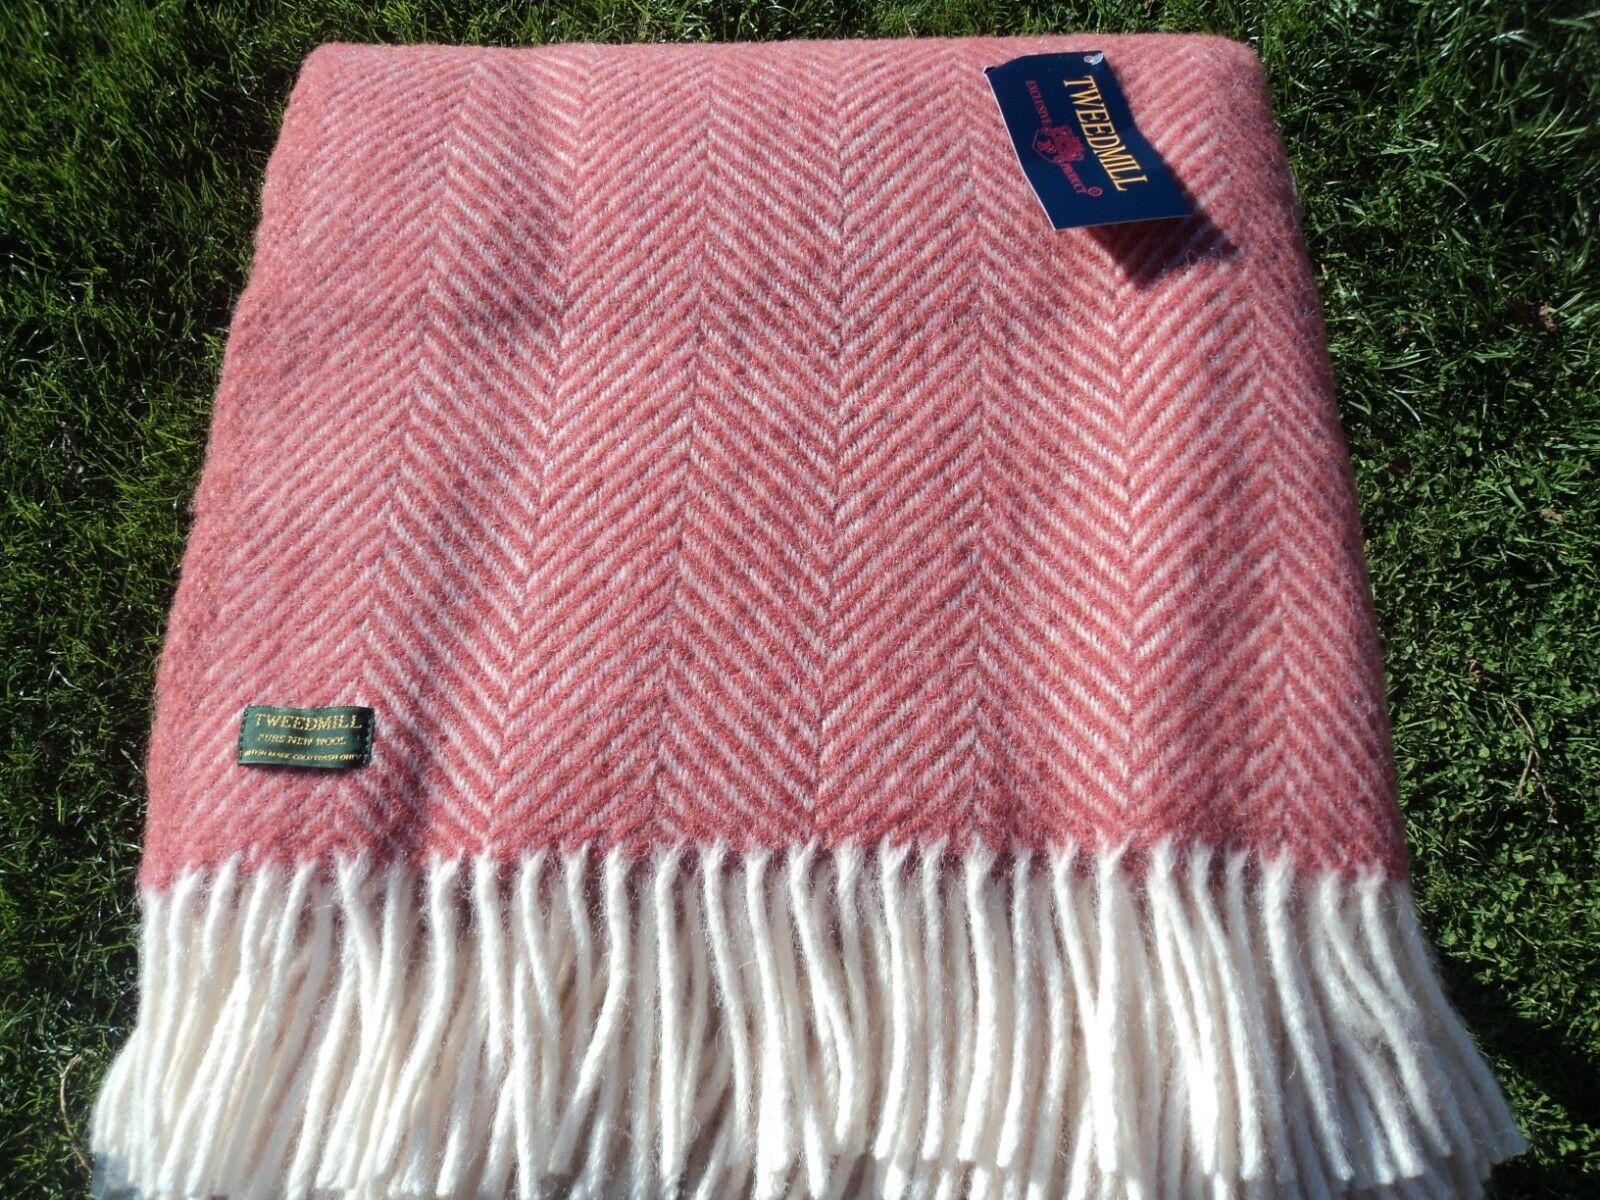 Tweedmill pure laine Plaid/couverture vierge Plaid/couverture laine motif FISHBONE-Cranberry afc680